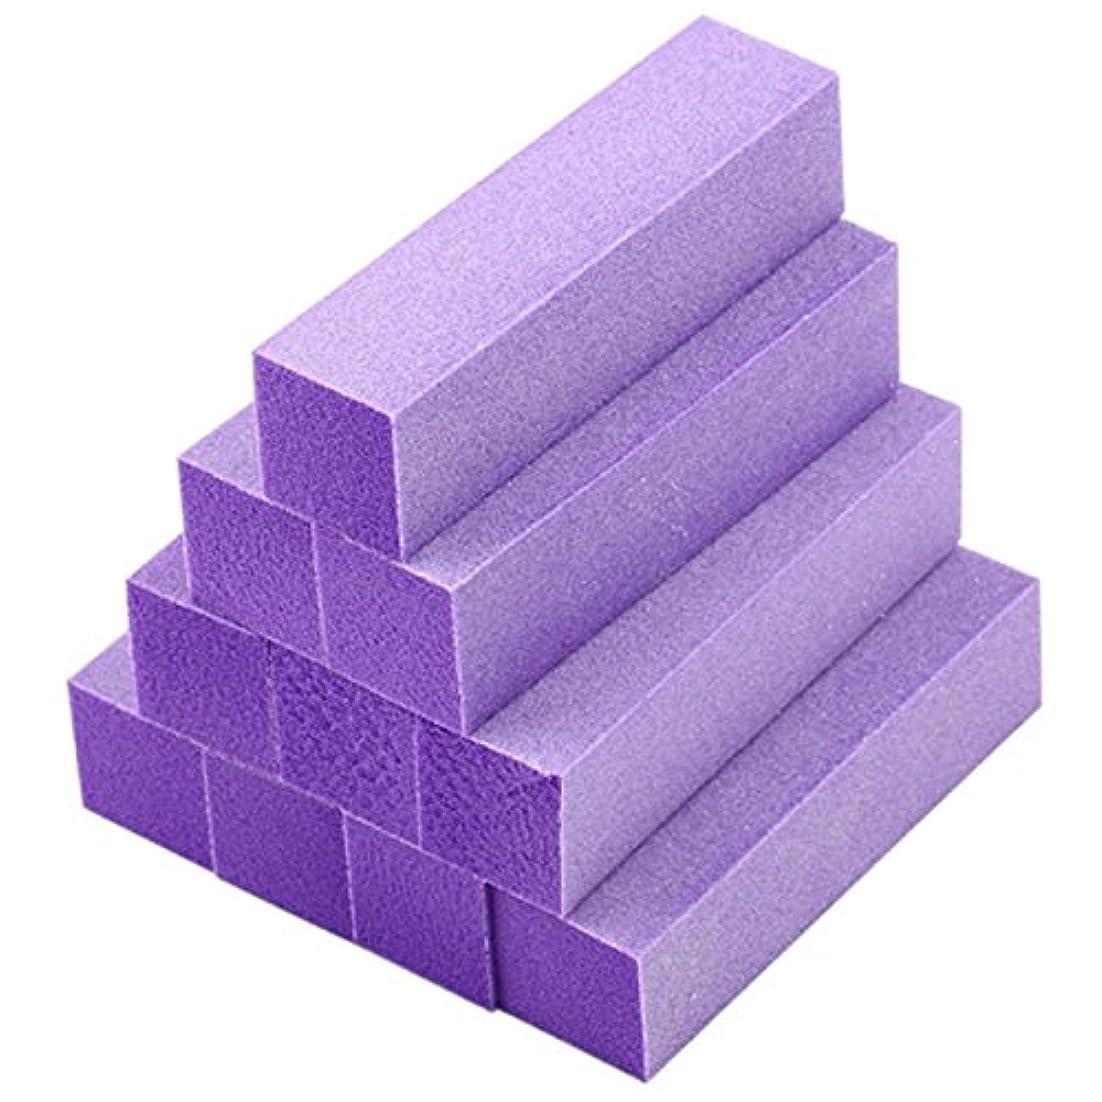 仕えるパイ痛いACAMPTAR 10xバフ研磨 バッファブロックファイル アクリルペディキュアマニキュアネイルアートチップ (色:紫)